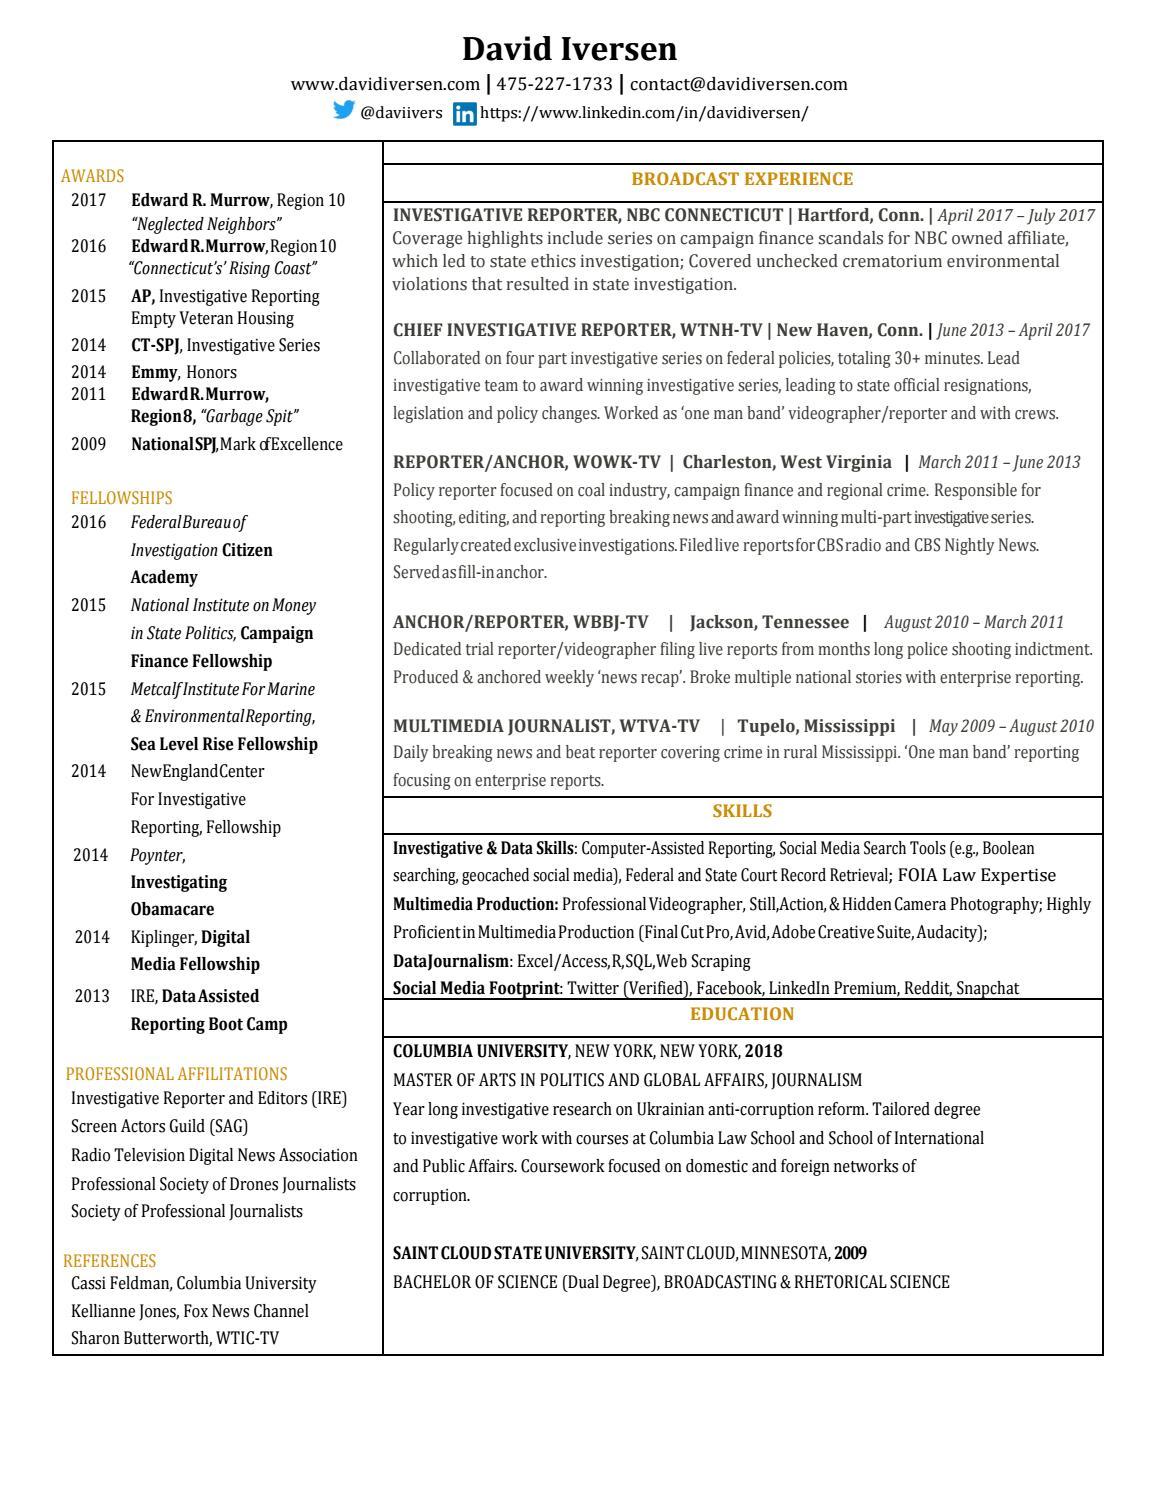 David Iversen Resume by David Iversen - issuu